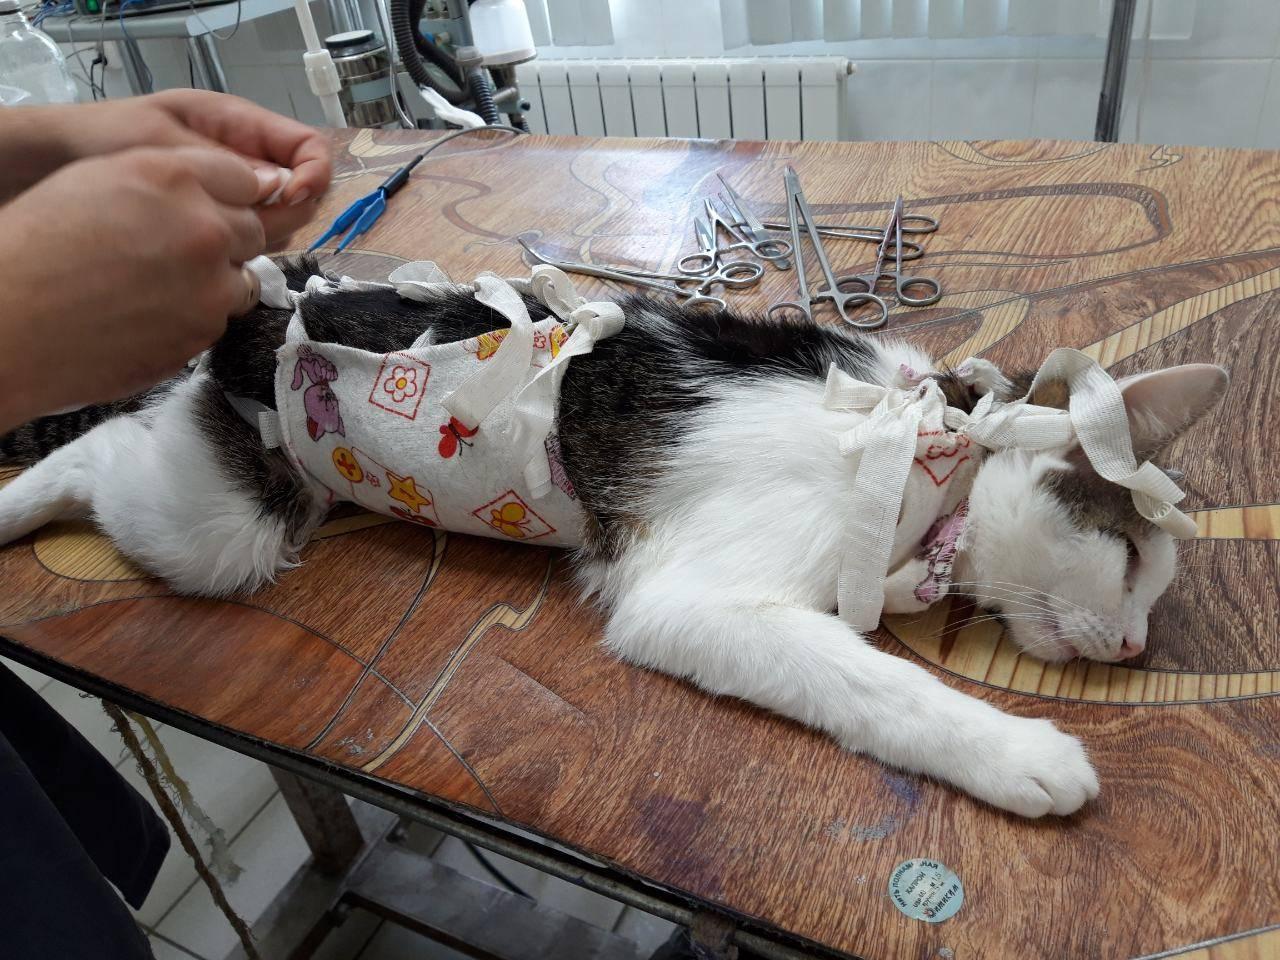 Стерилизация кошки: что это такое, с какого возраста проводят операцию, какие плюсы и минусы есть у стерилизации